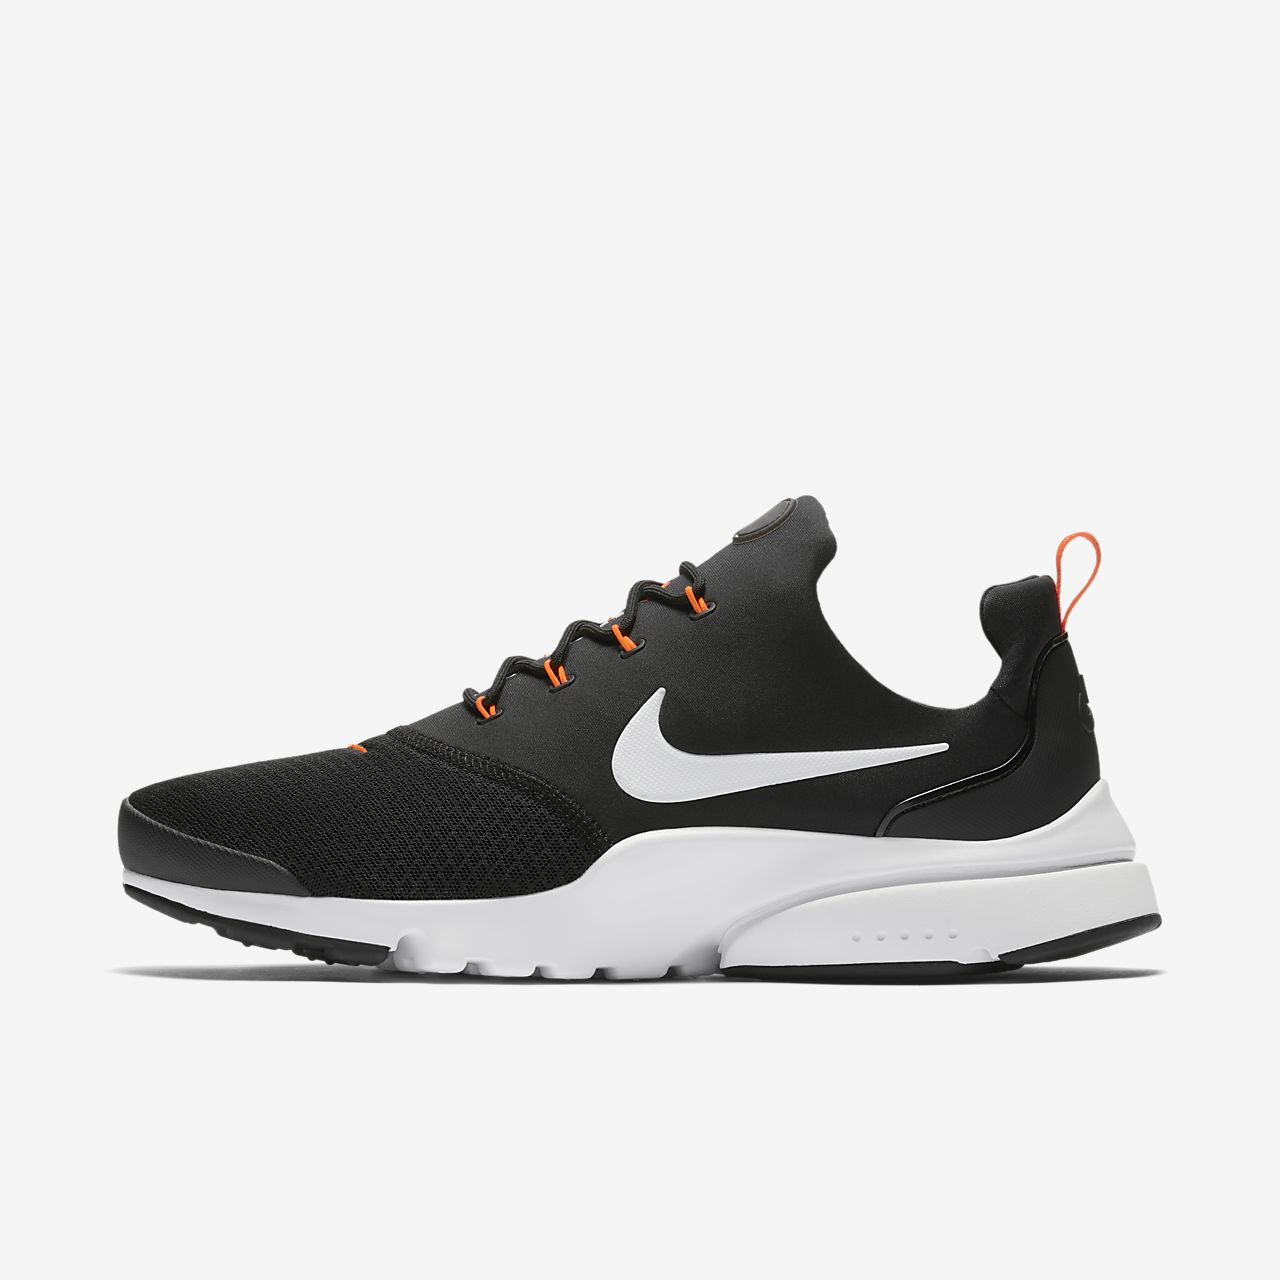 Nike Presto Fly JDI Men's Shoe